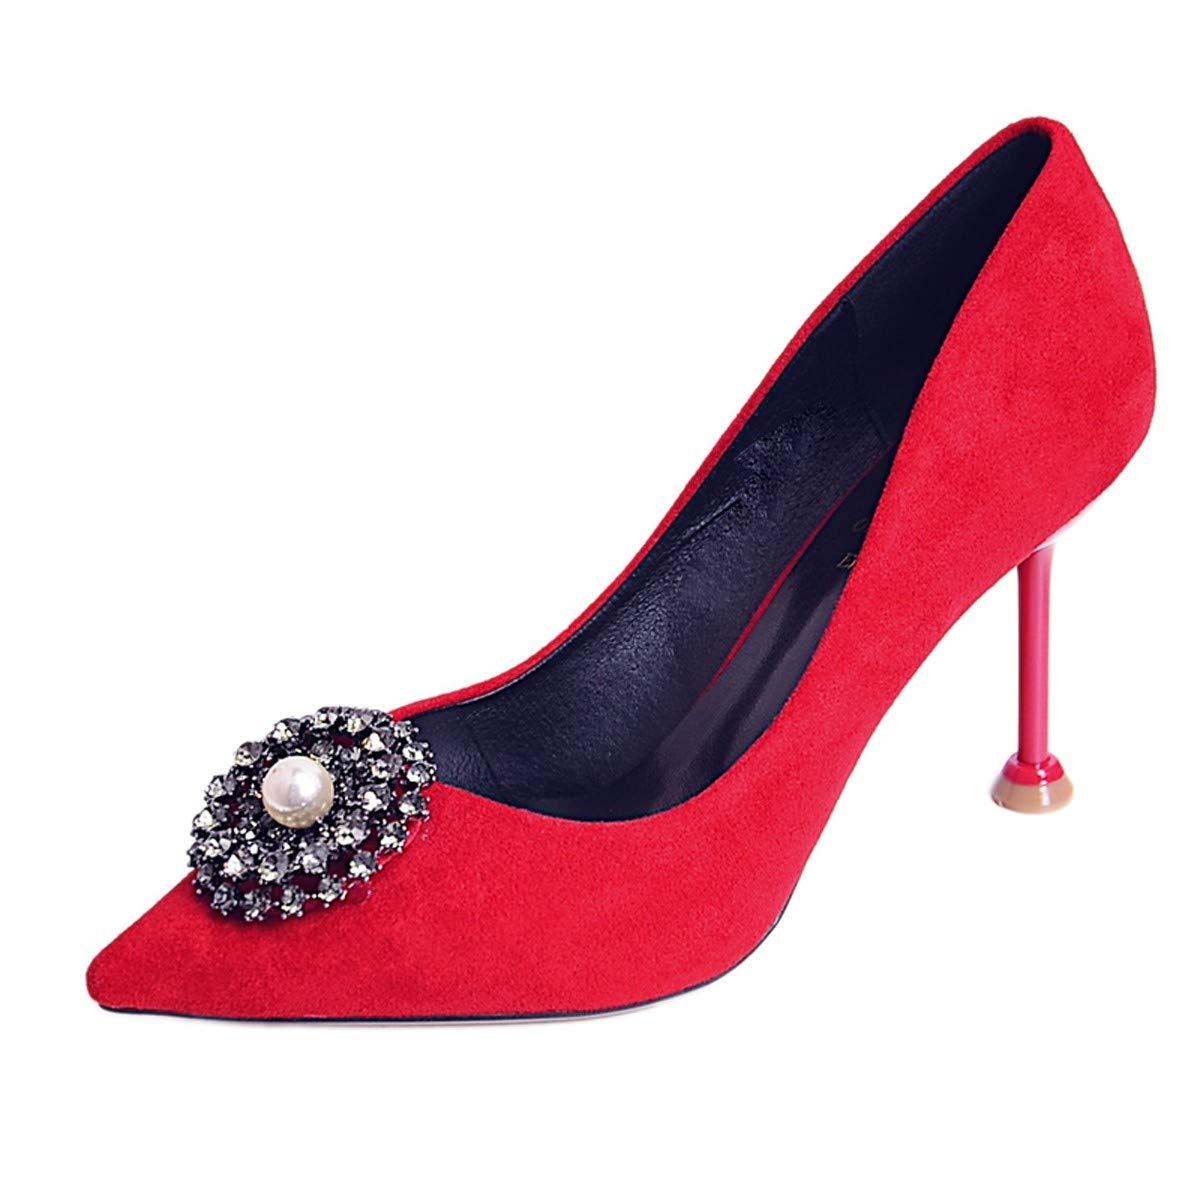 LBTSQ-High Heels 8Cm Dünnen Dünnen Dünnen Heels Braut Schuhe Ladies'schuhe Damen-Schuhe Mode Cat-Heels Flache Schuhe Mund Hochzeit 8817b7